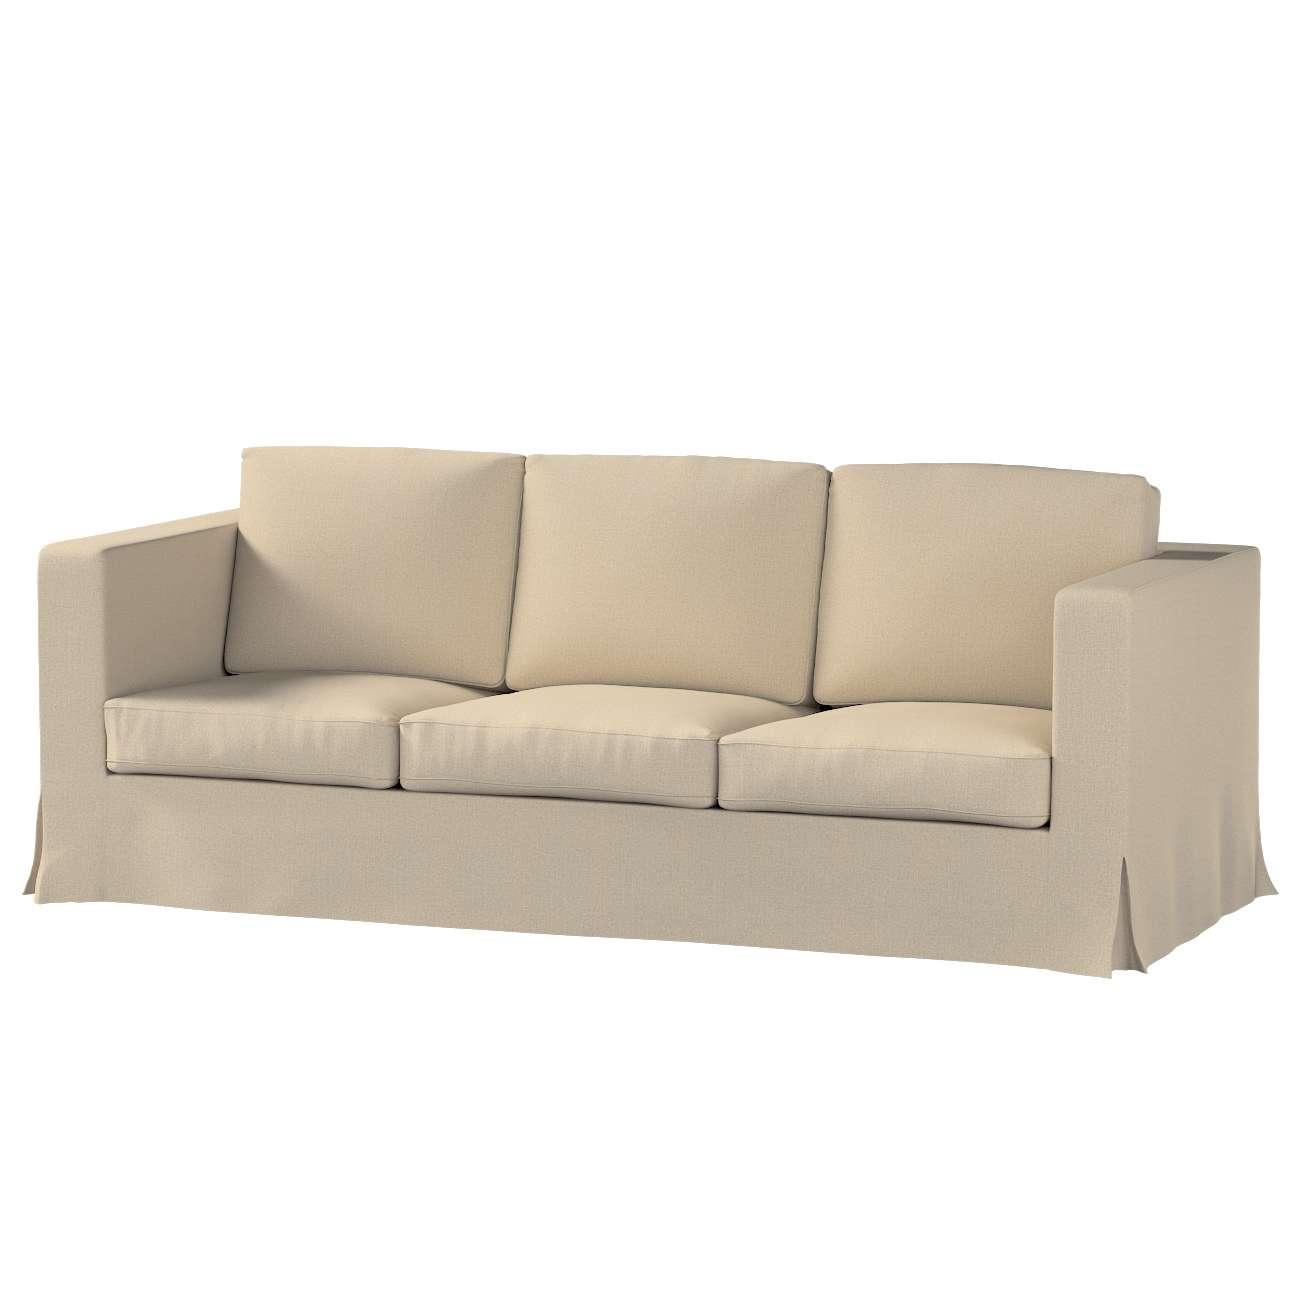 Potah na pohovku IKEA  Karlanda 3-místná nerozkládací, dlouhý pohovka Karlanda 3-os v kolekci Edinburgh, látka: 115-78